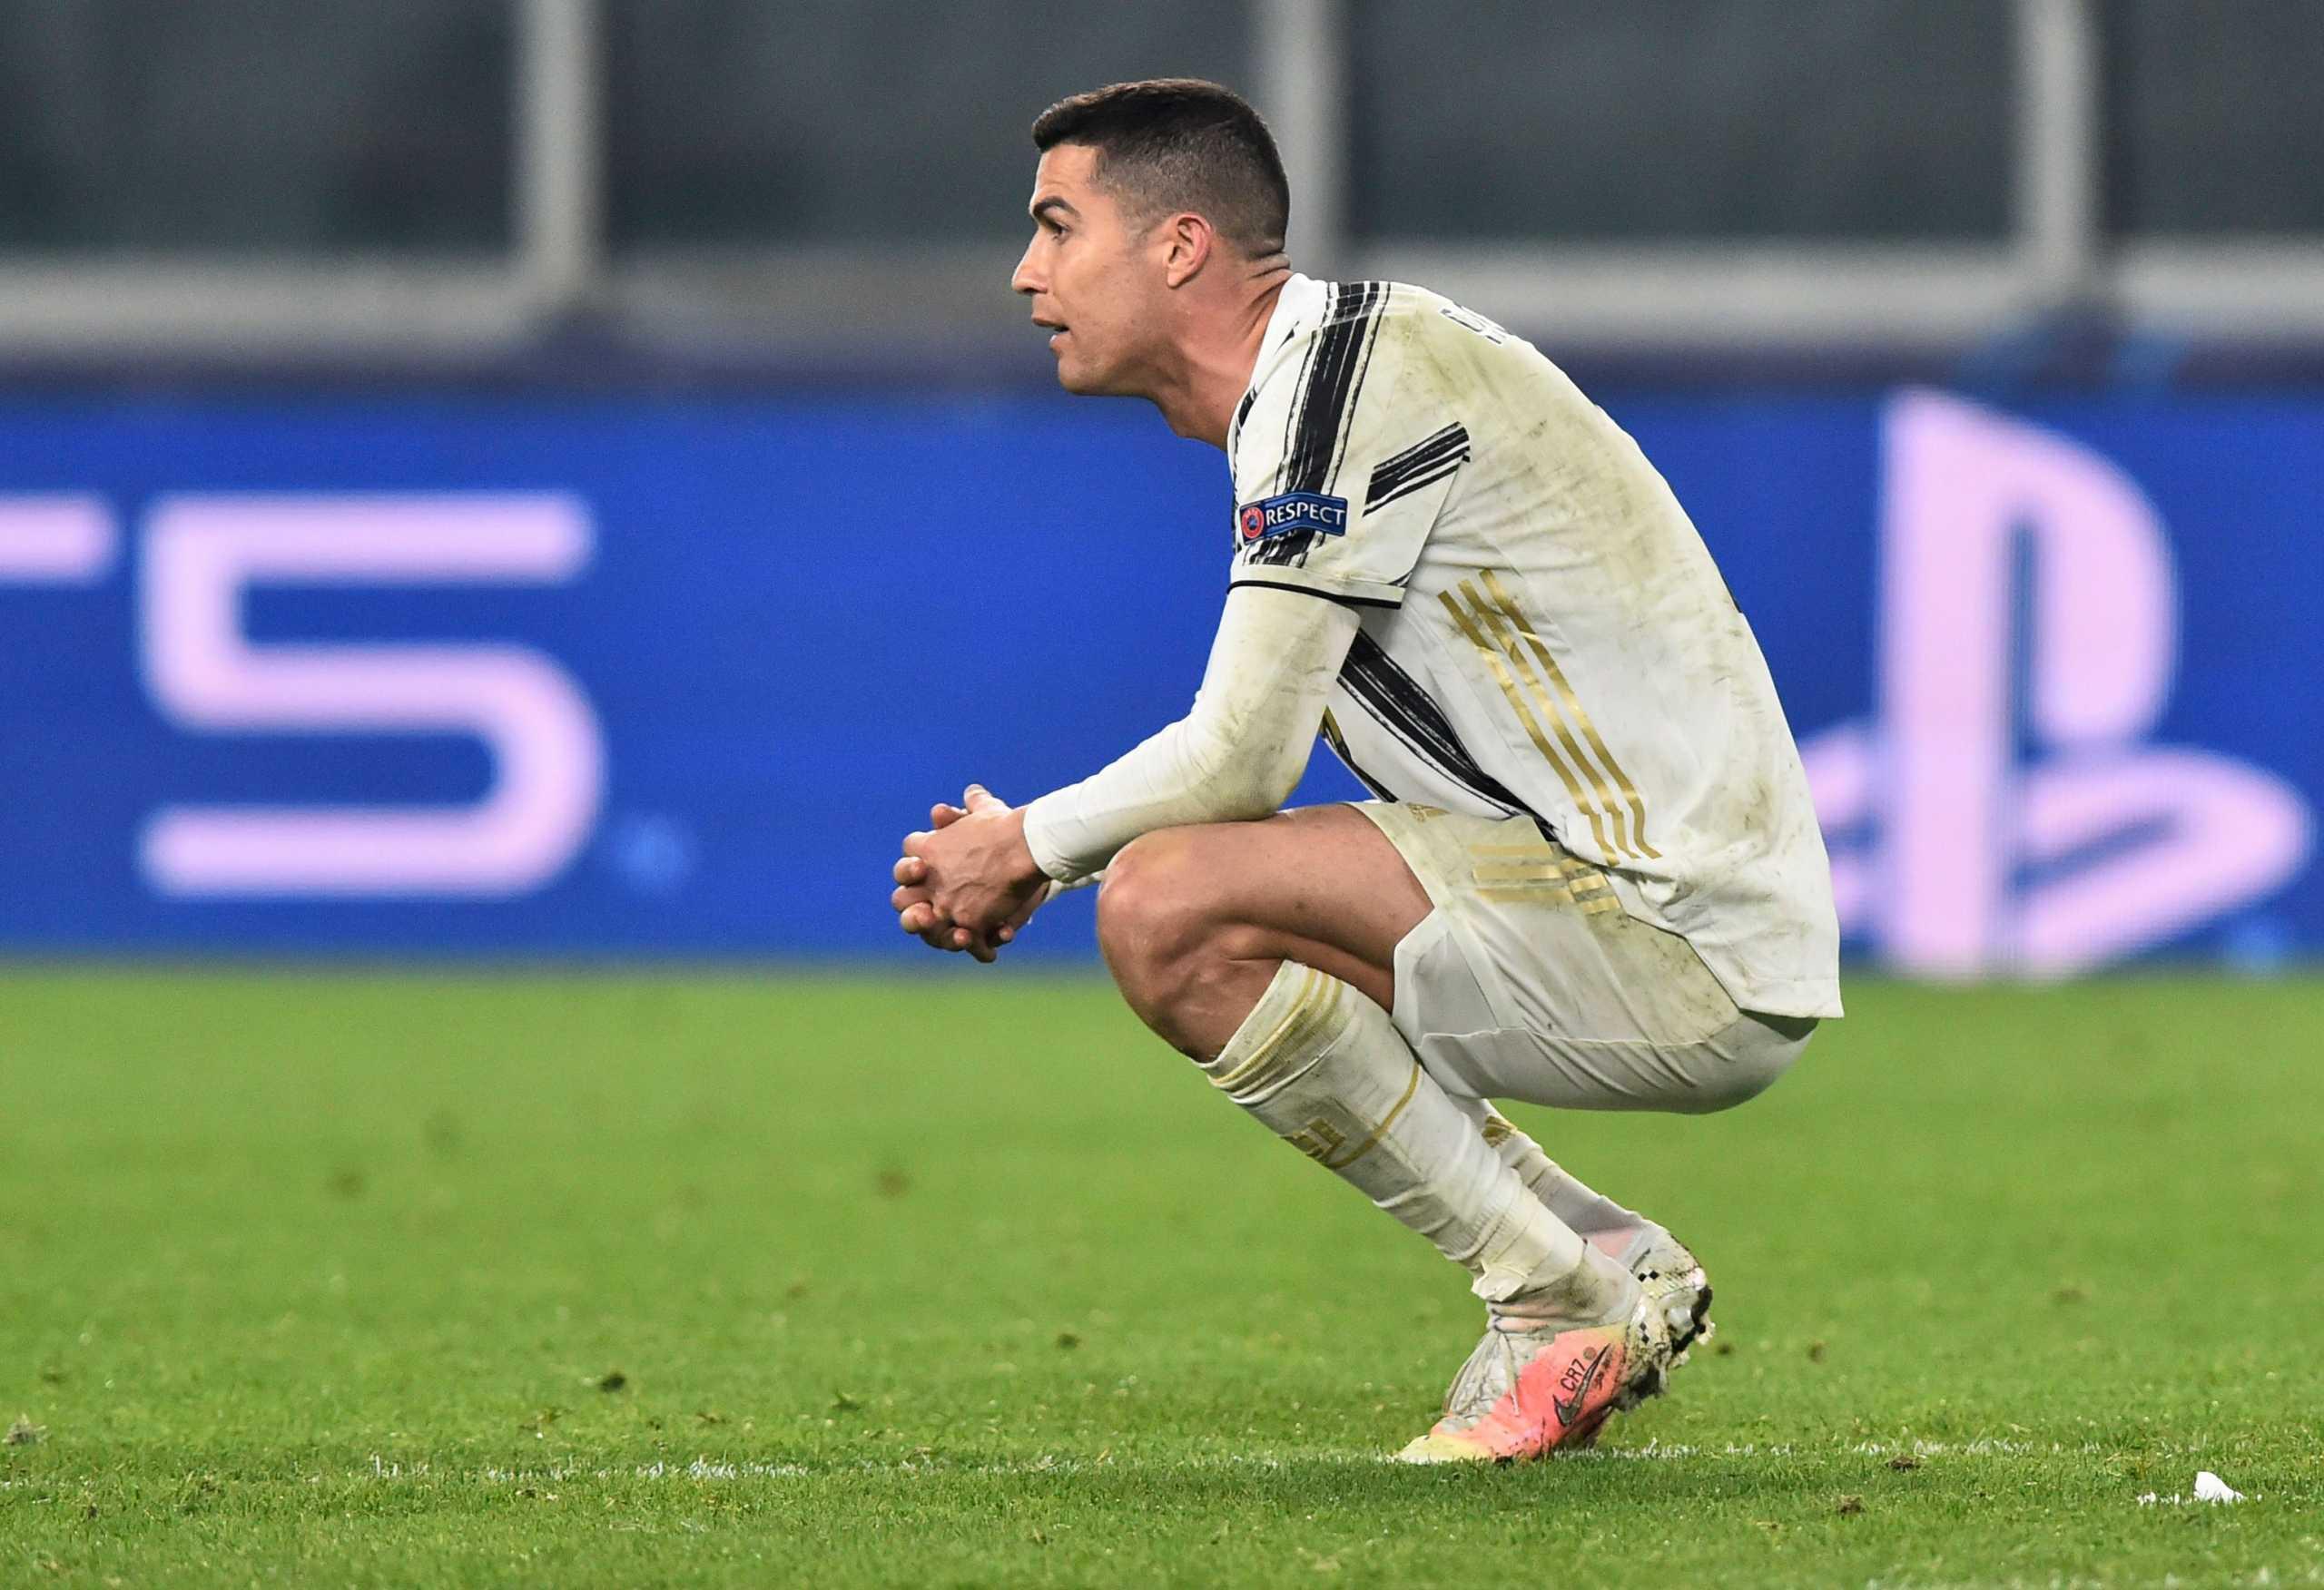 Γιουβέντους: Στο «στόχαστρο» κι ο Ρονάλντο για τον αποκλεισμό – Το λάθος του στο μοιραίο γκολ (video)